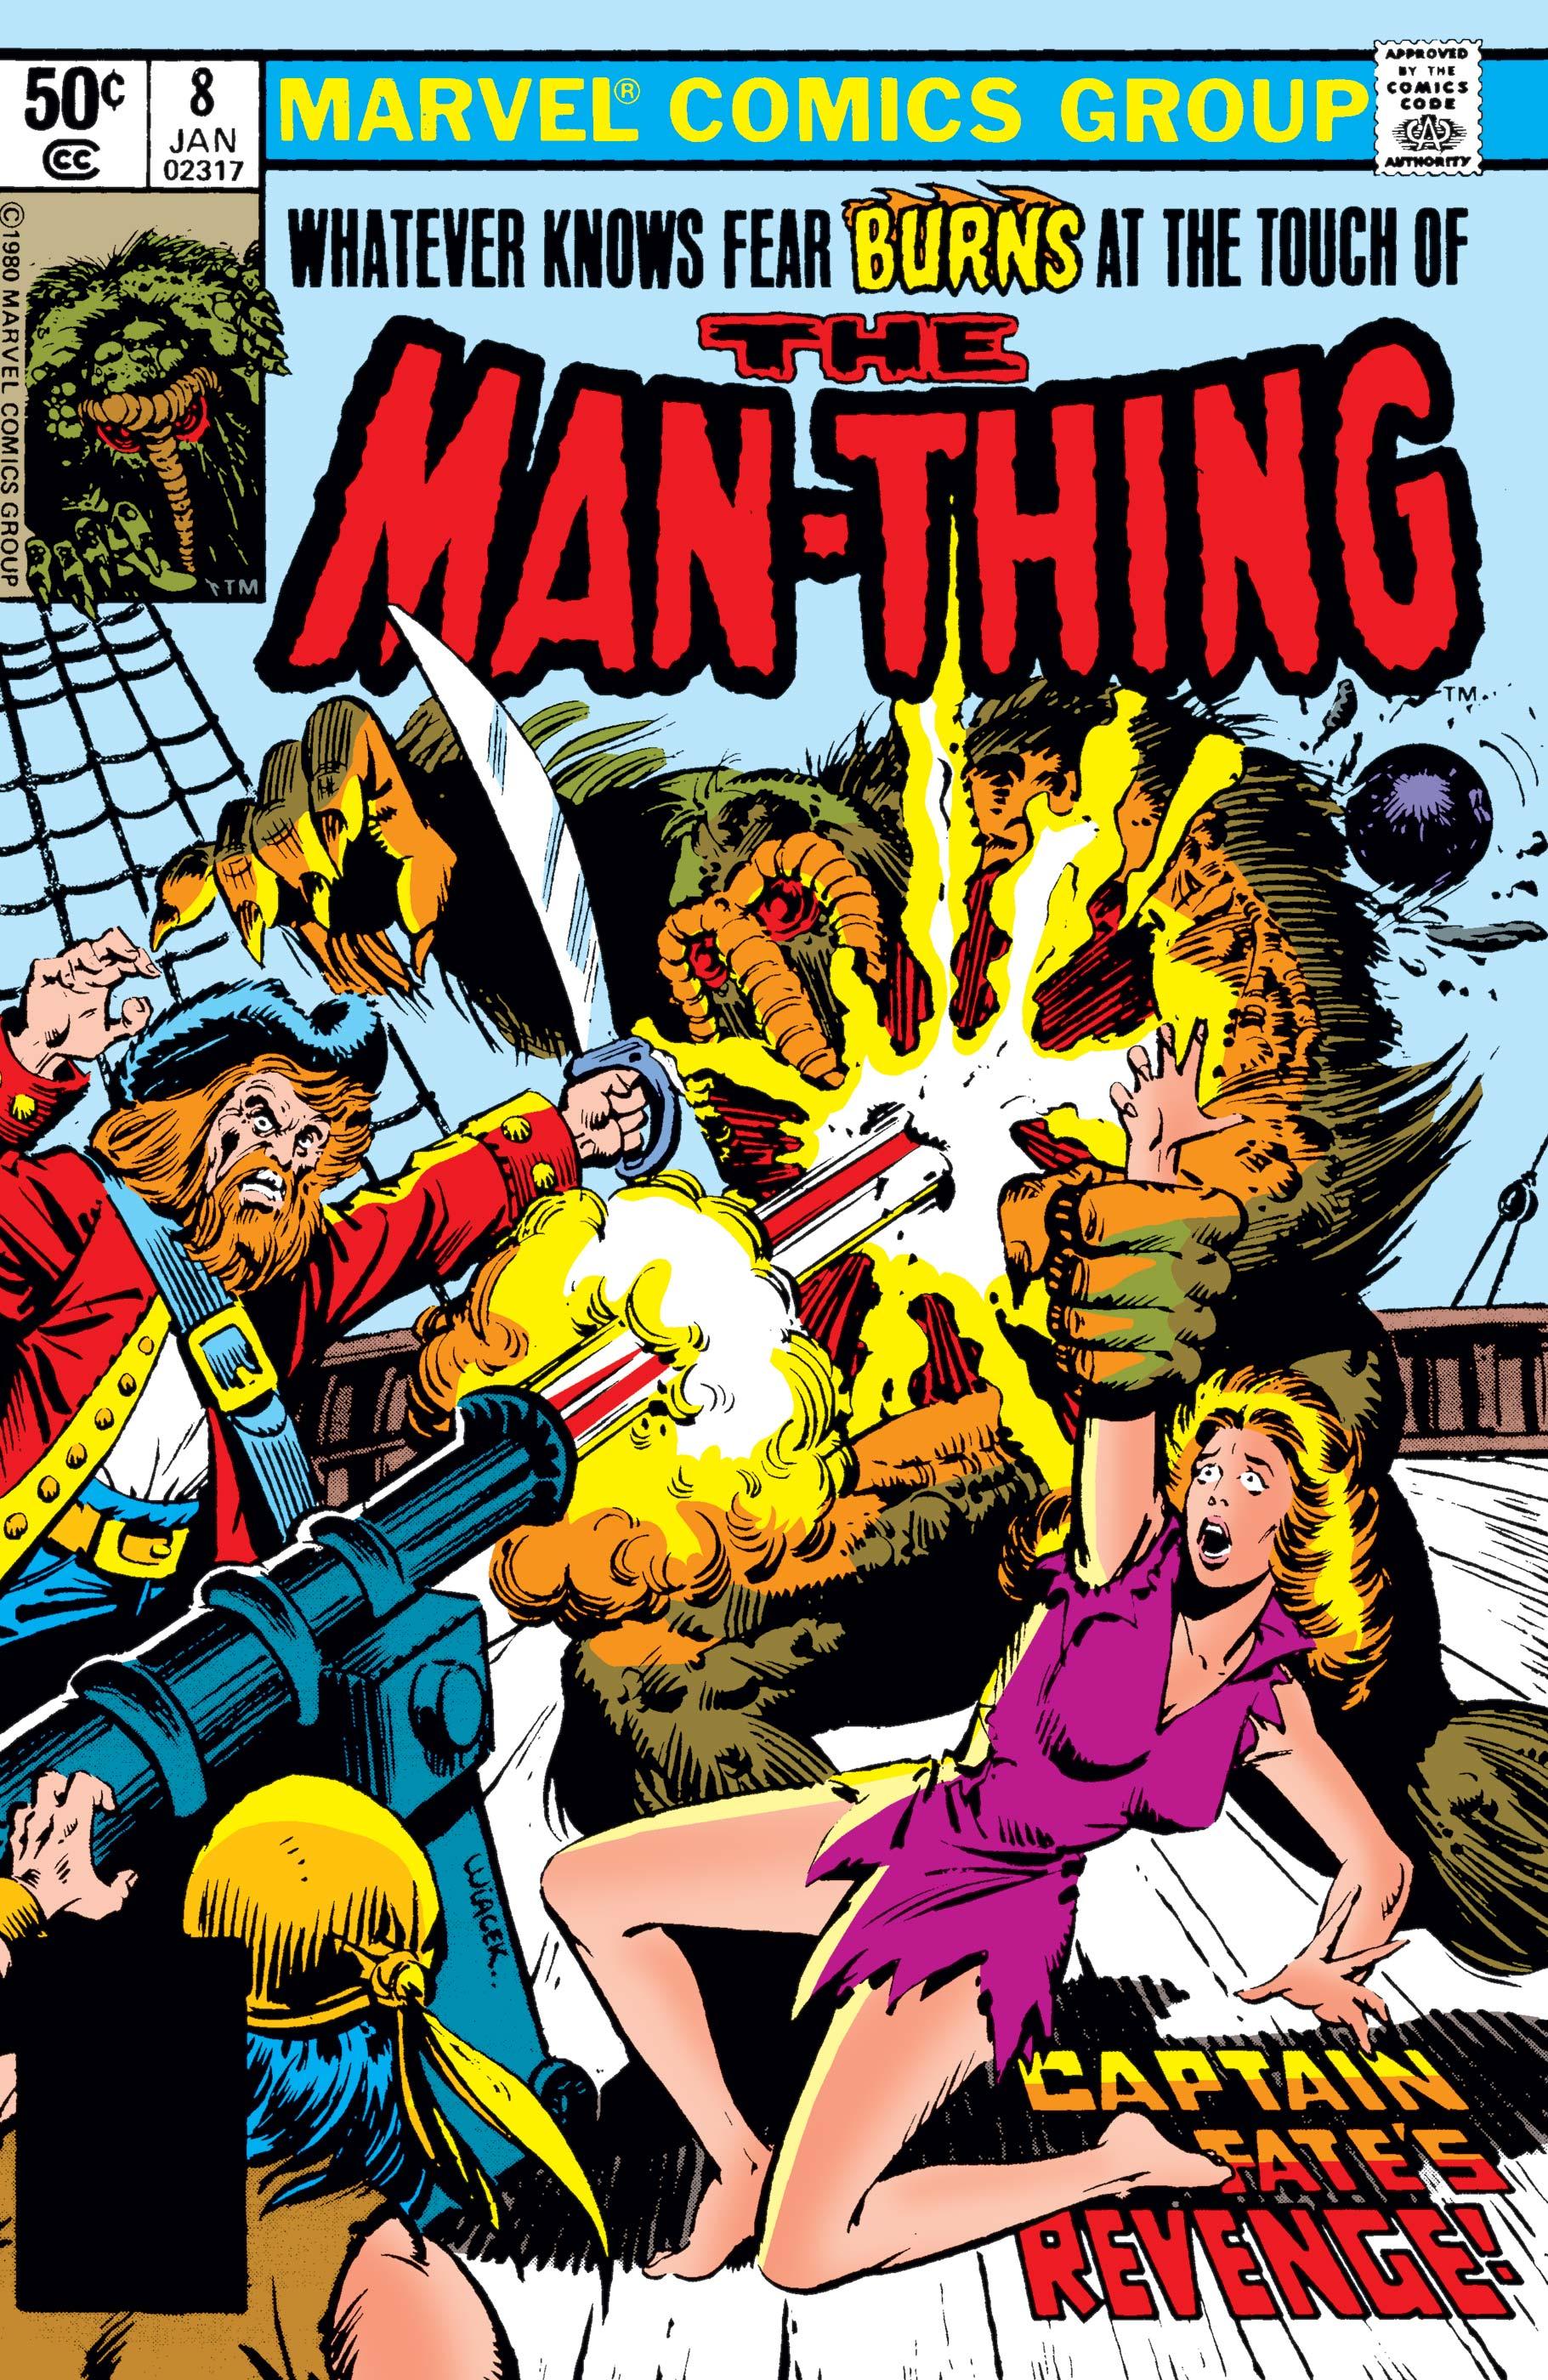 Man-Thing (1979) #8